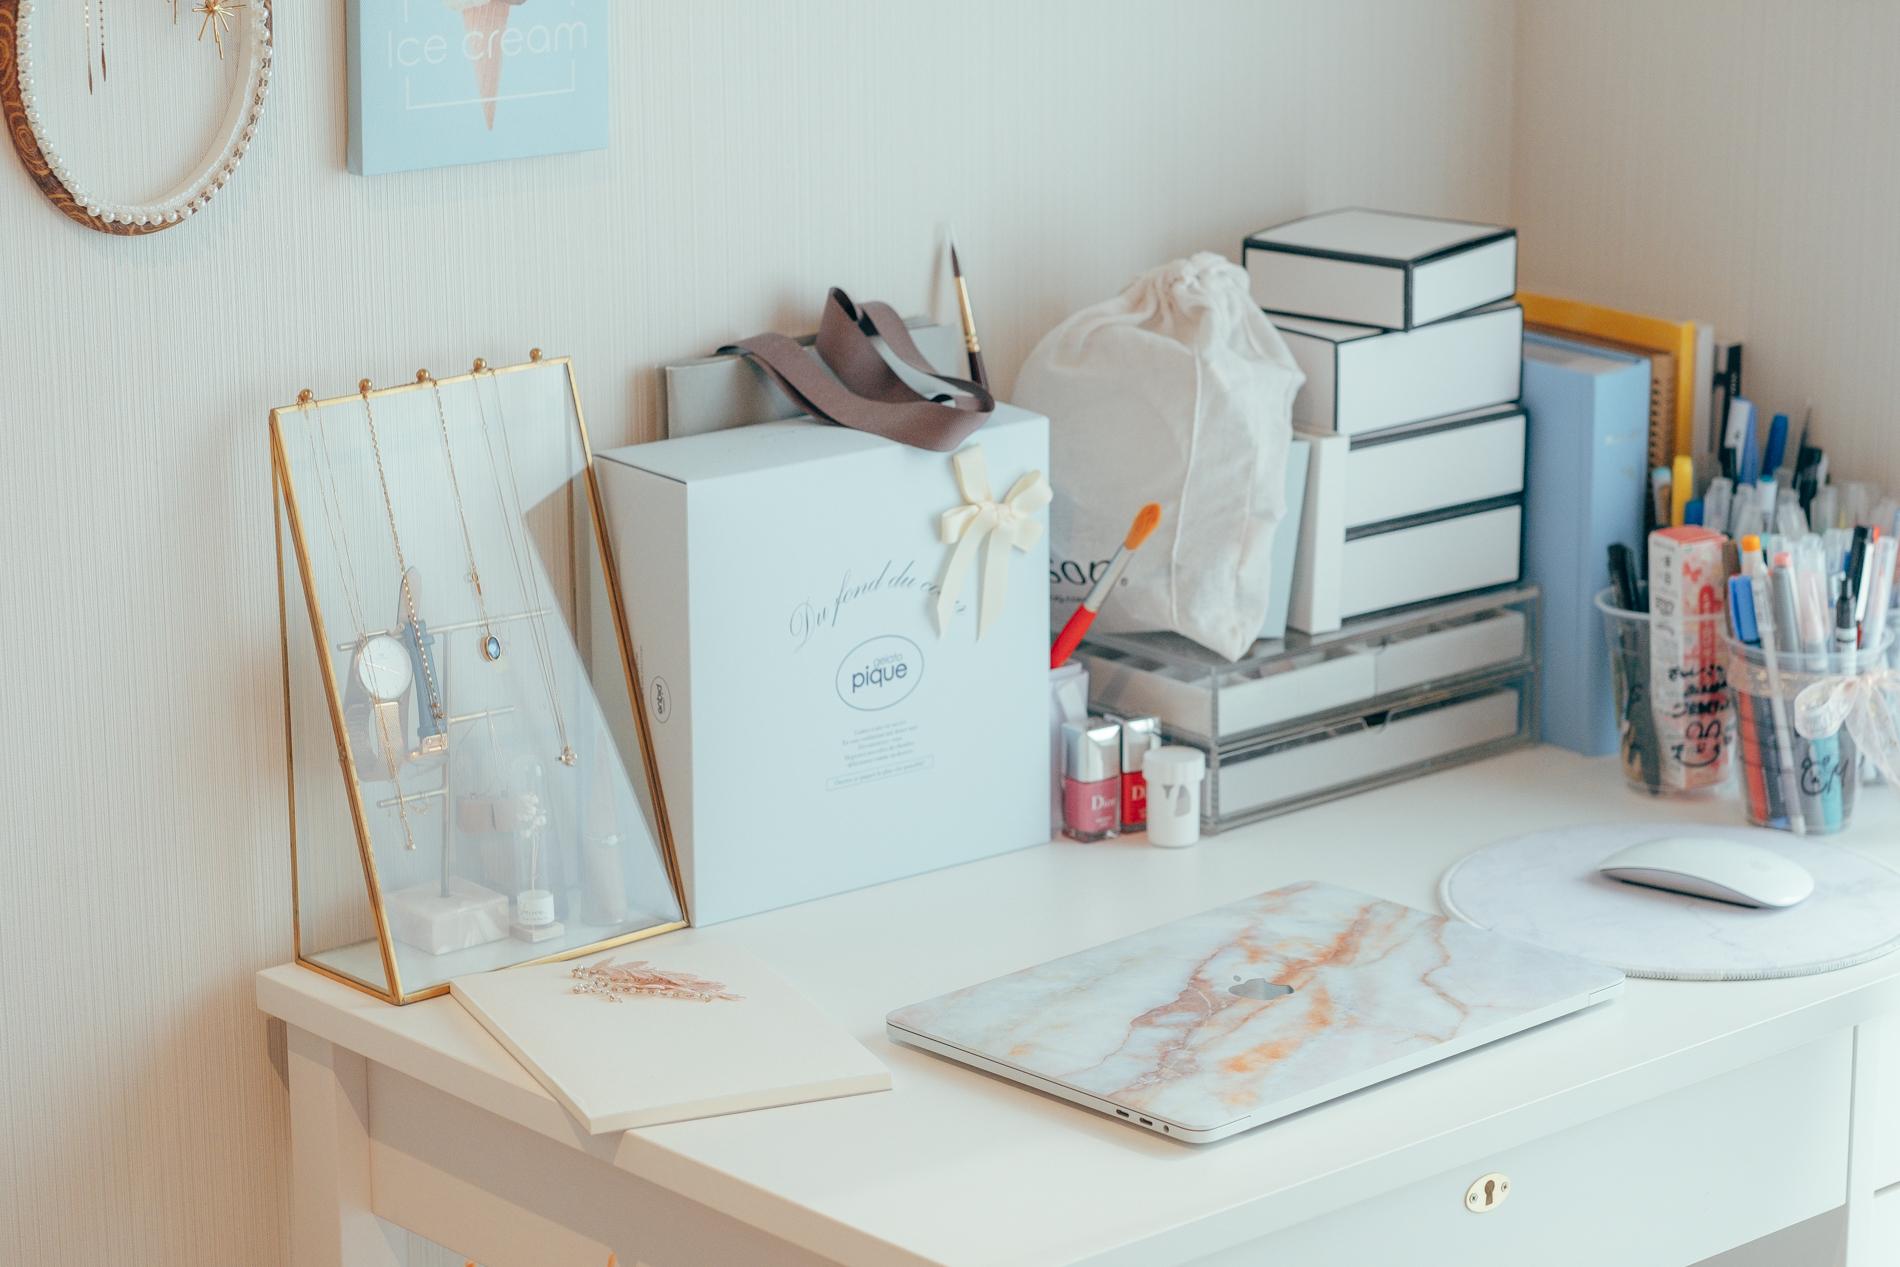 ついとっておいてしまいがちなプレゼントボックスでも代用可能です。これなら思い出も素敵に、かつ実用的に飾れますね。(このお部屋を見る)